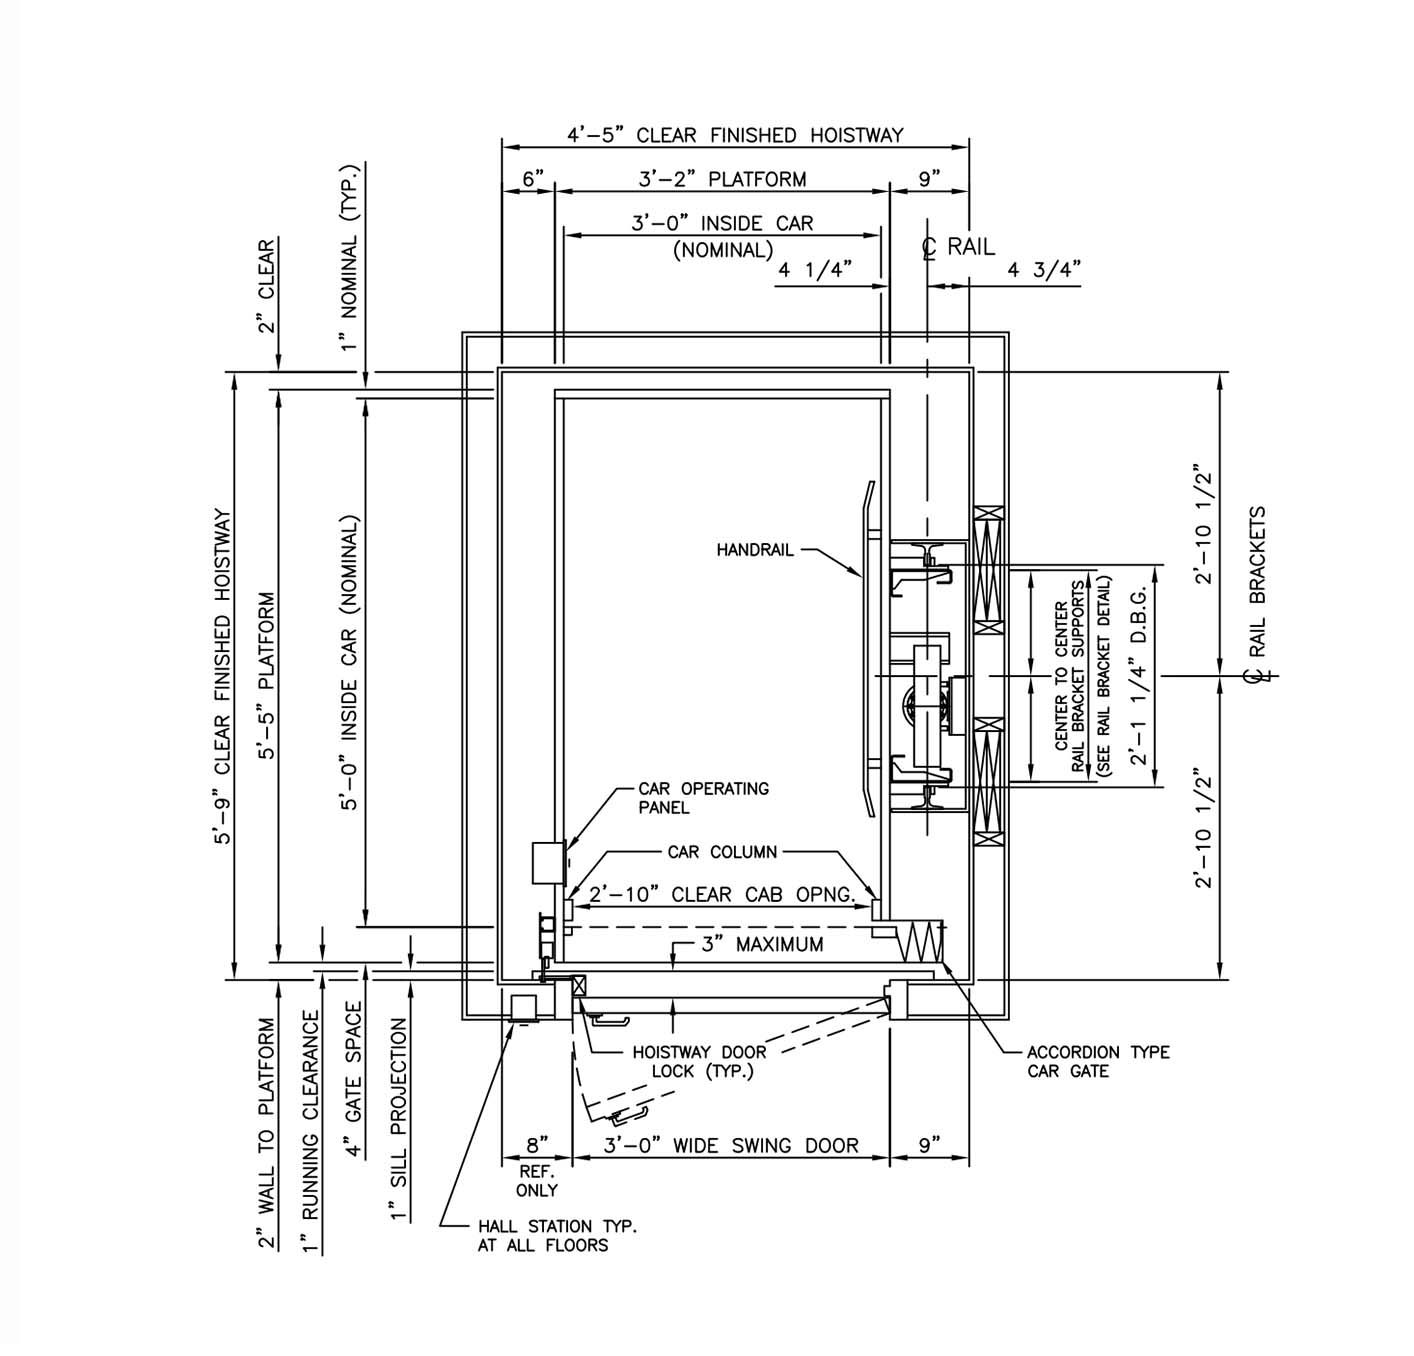 Home elevator dimensions - Il 1 950lb 40x54